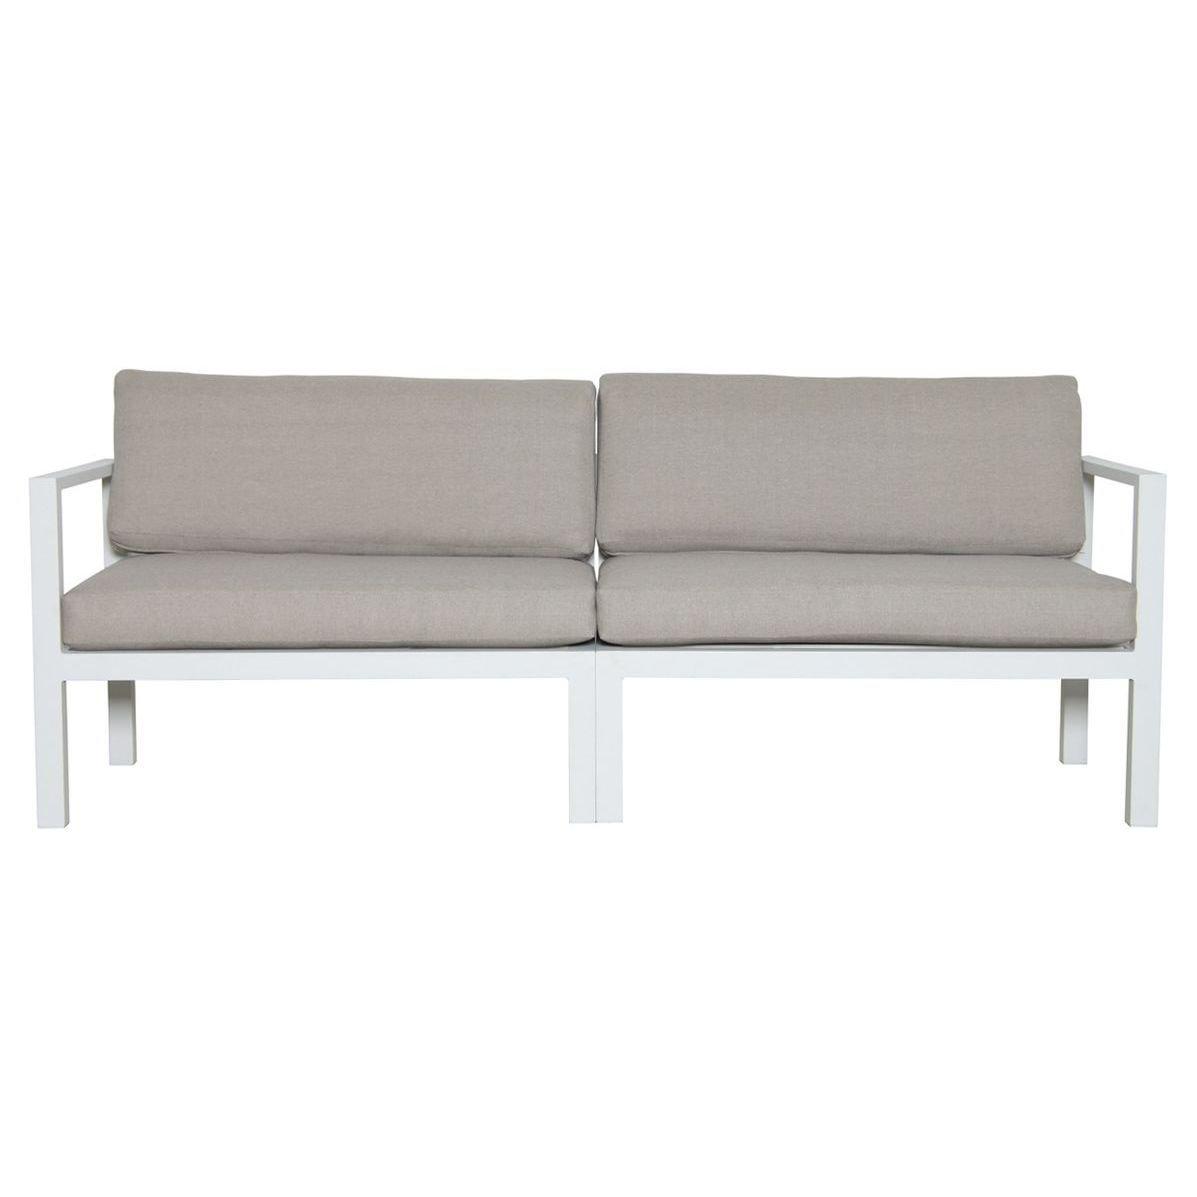 Sofa de hierro 3 plazas para el exterior